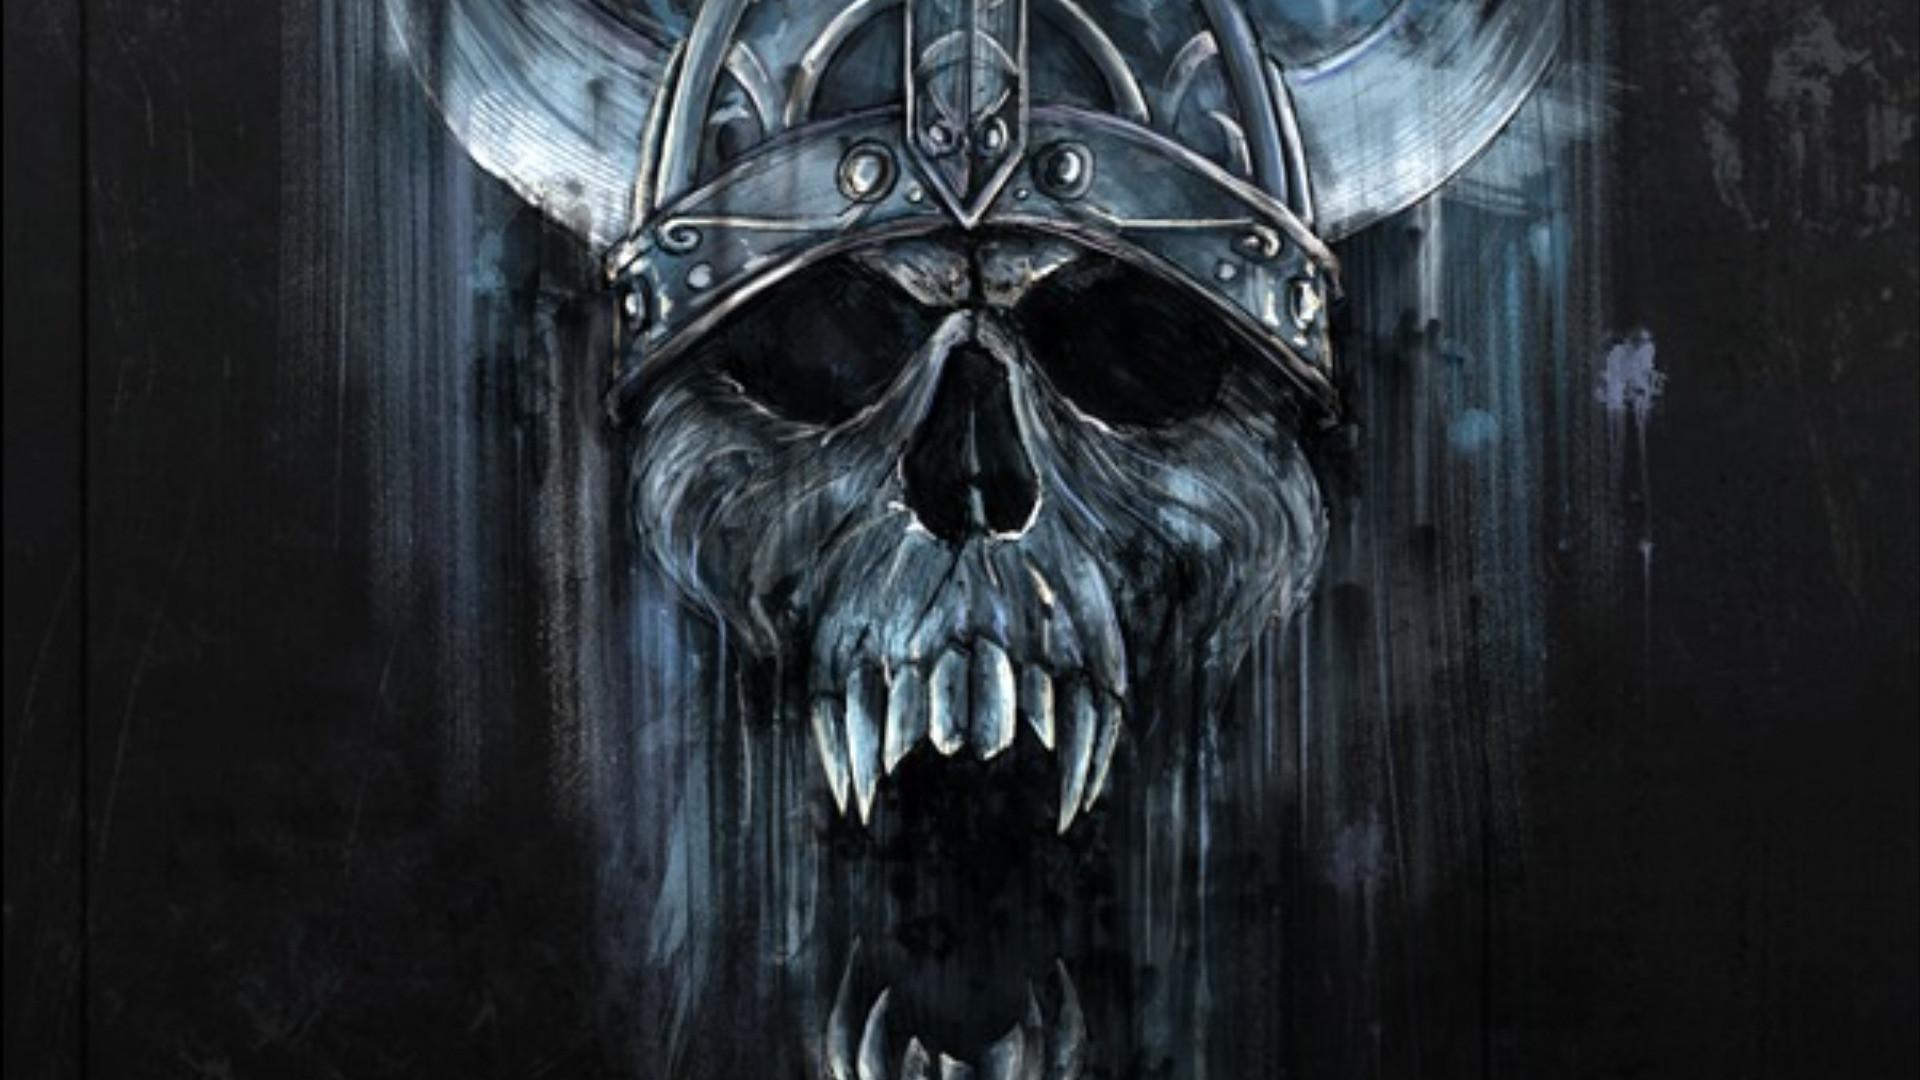 Skull Wallpaper Photos